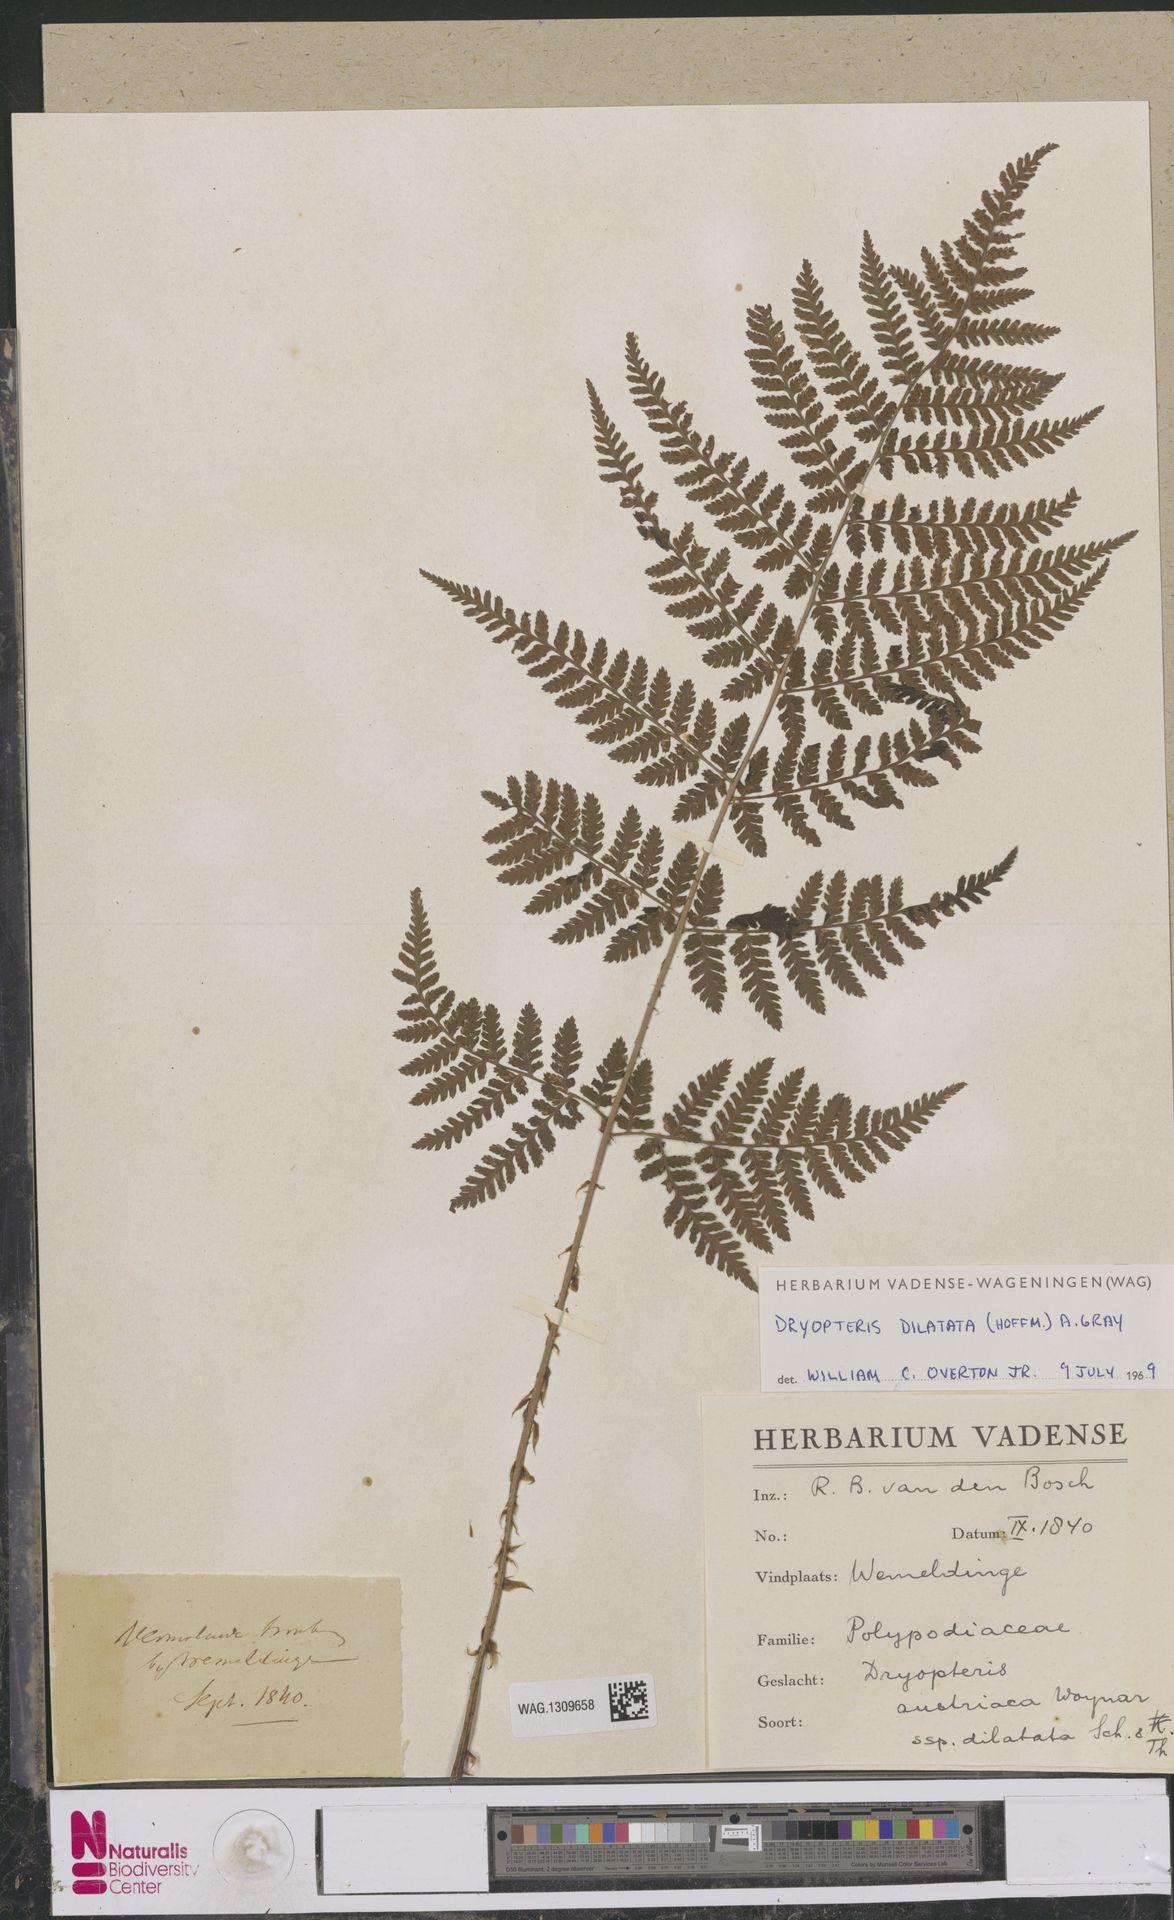 WAG.1309658 | Dryopteris dilatata (Hoffm.) A.Gray